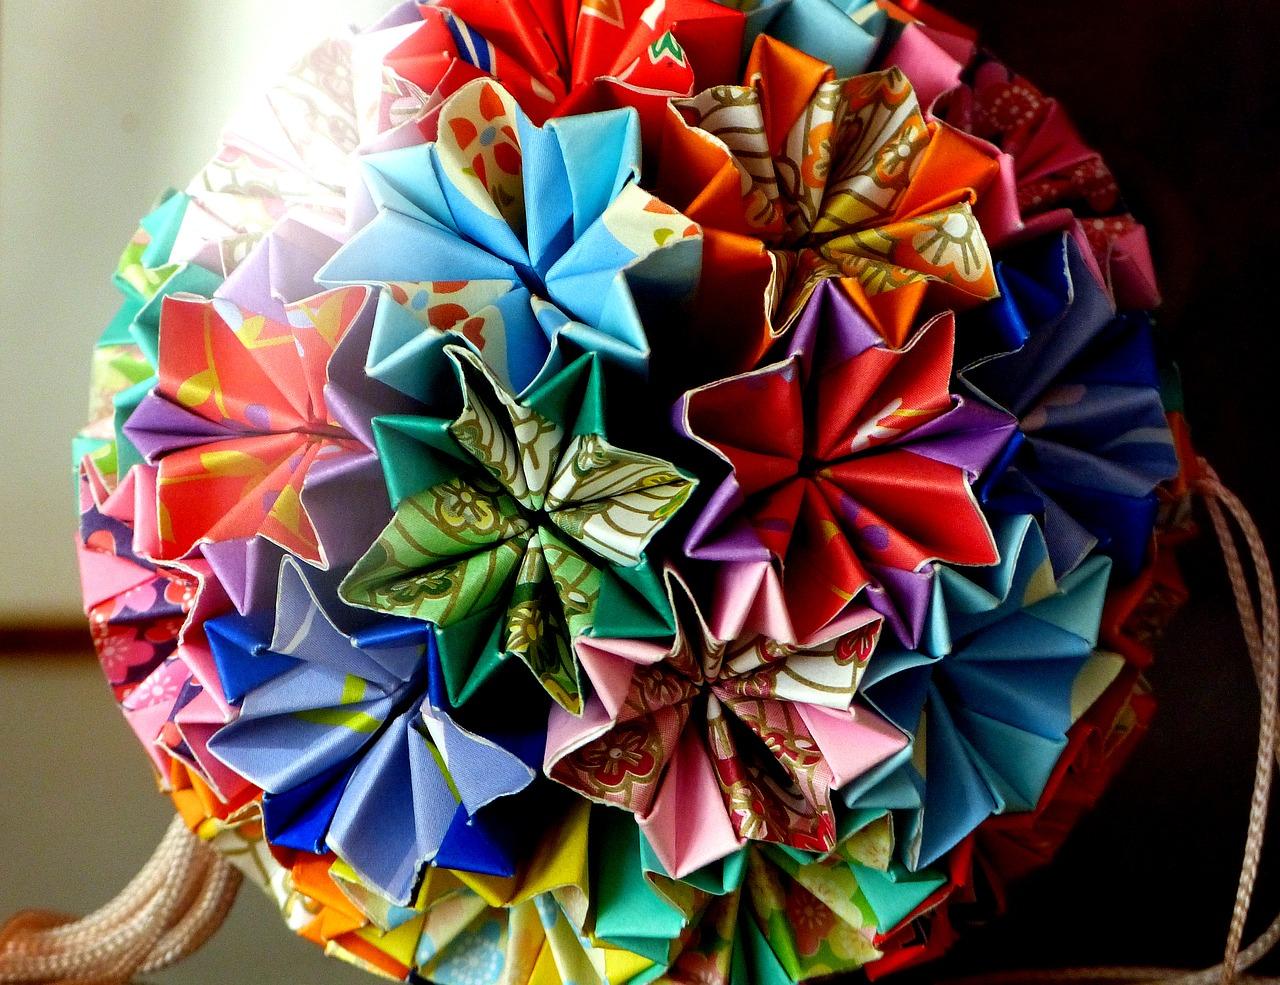 ひな祭りの飾りつけを手作りで♪簡単可愛いDIYアイデア14選